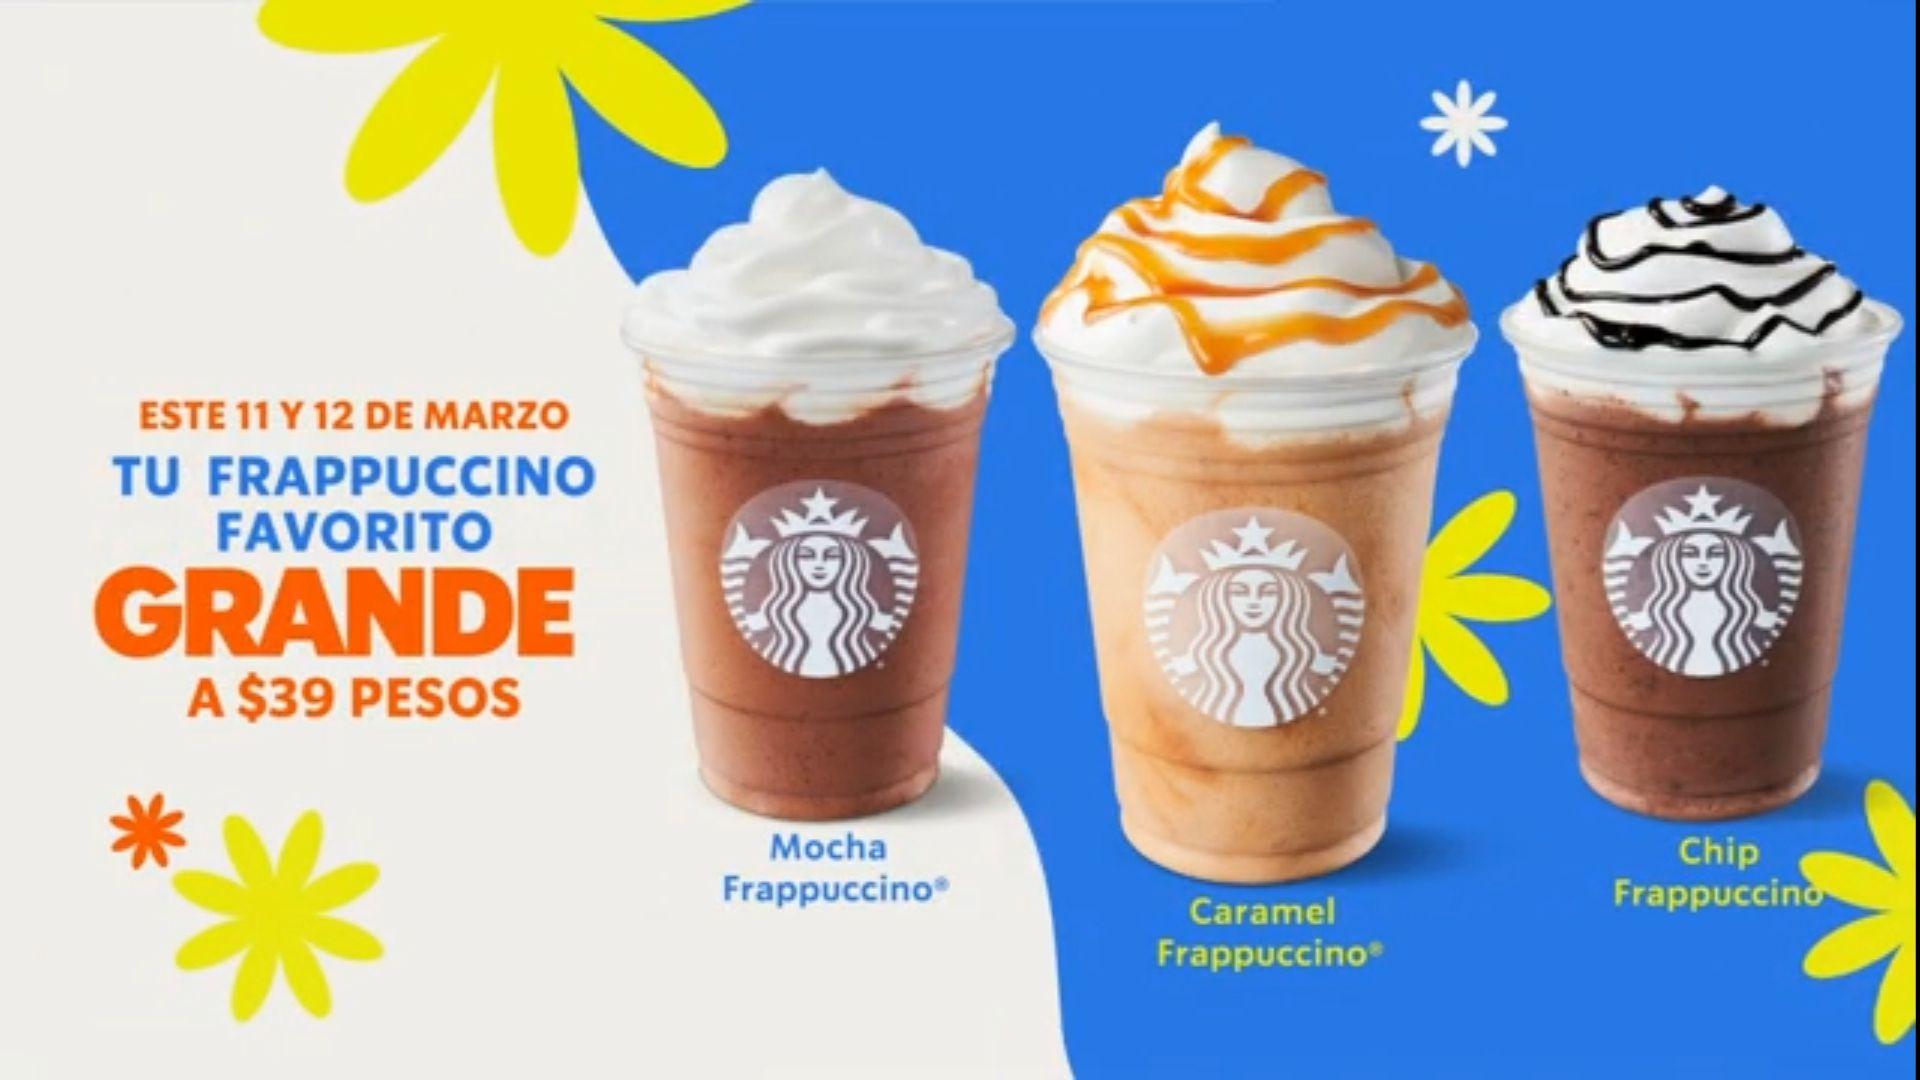 Starbucks Frappuccino Grande a $39